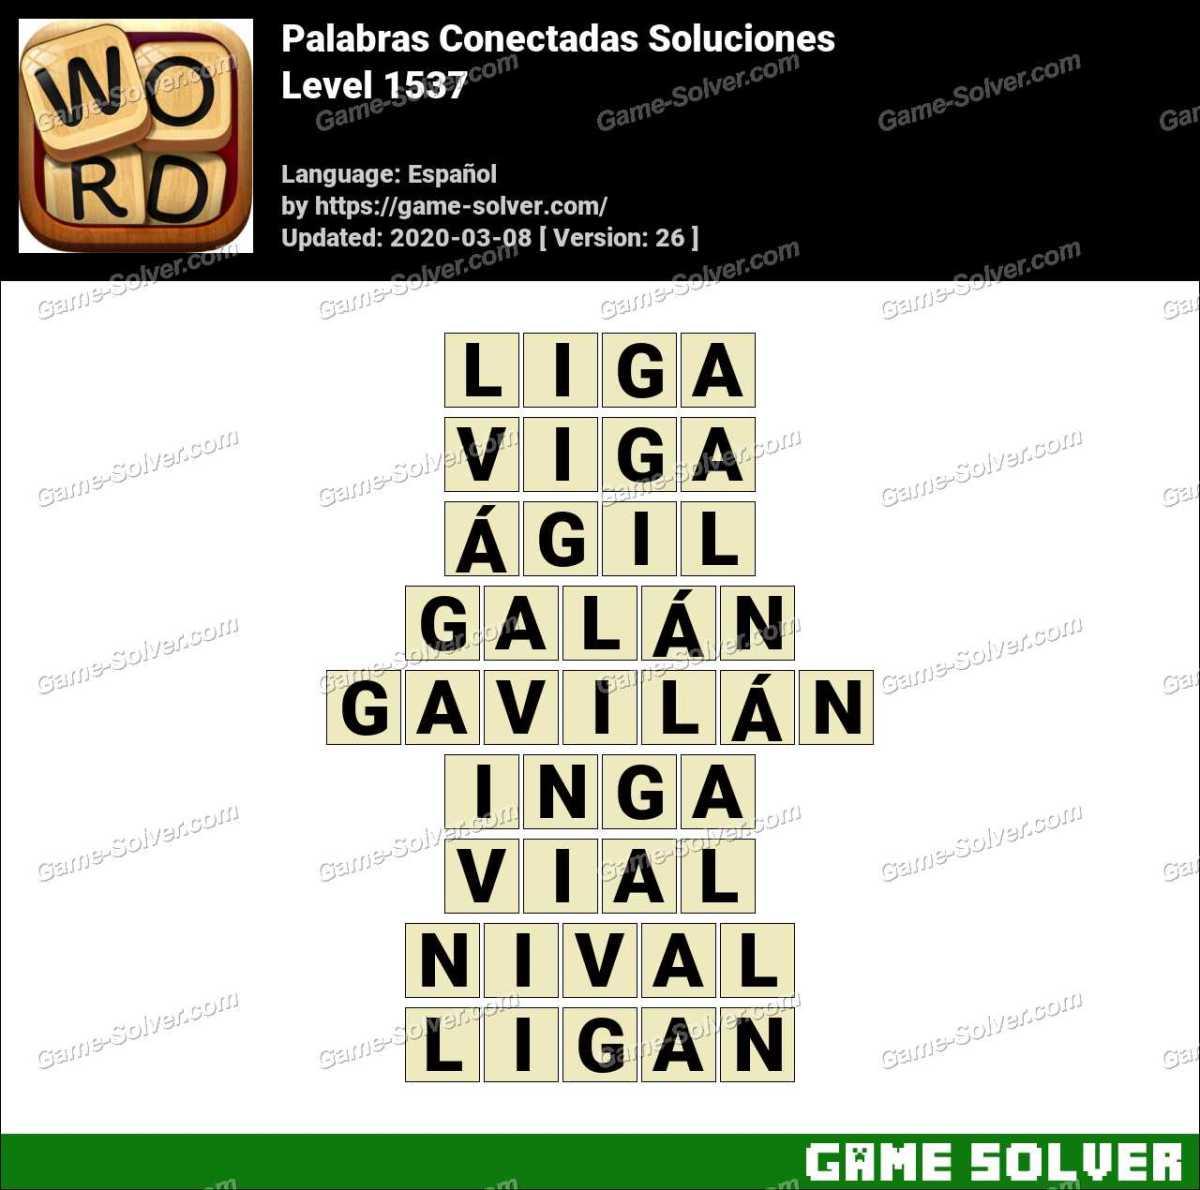 Palabras Conectadas Nivel 1537 Soluciones